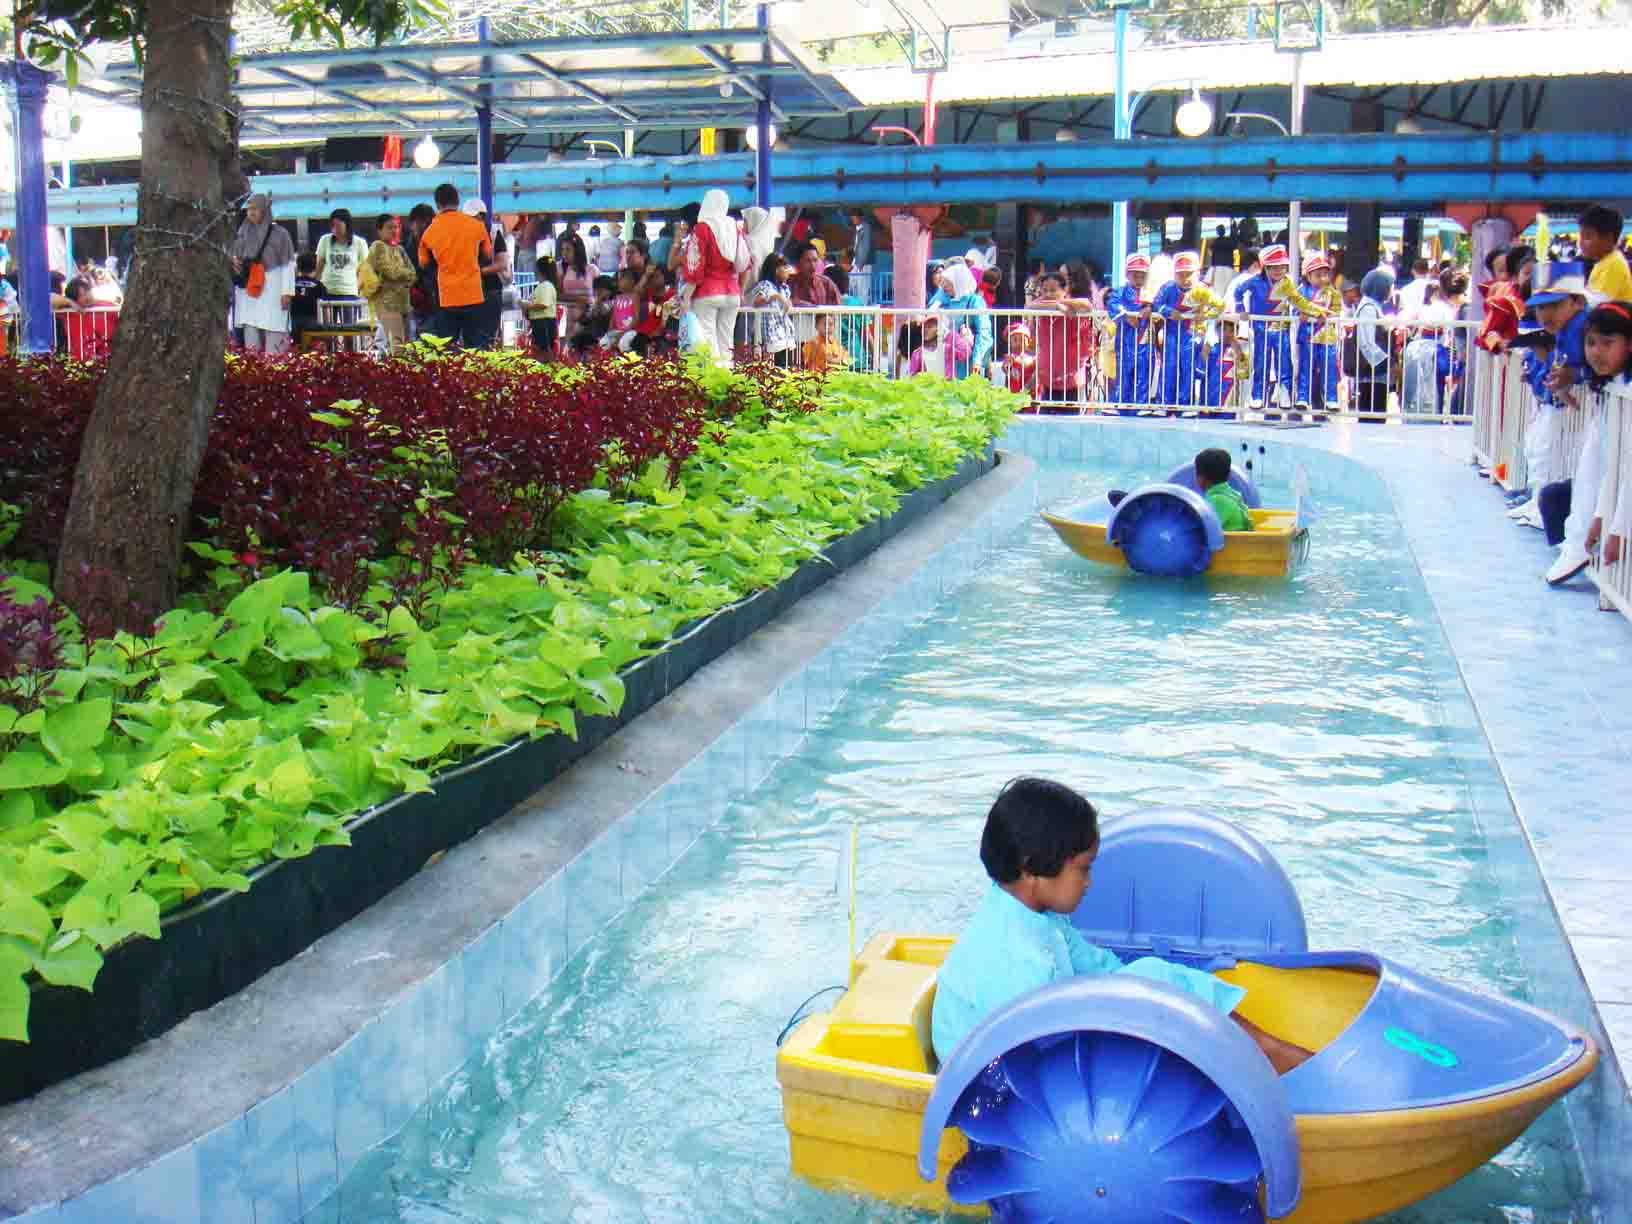 Taman Remaja Power Boat Thr Hiburan Rakyat Kota Surabaya